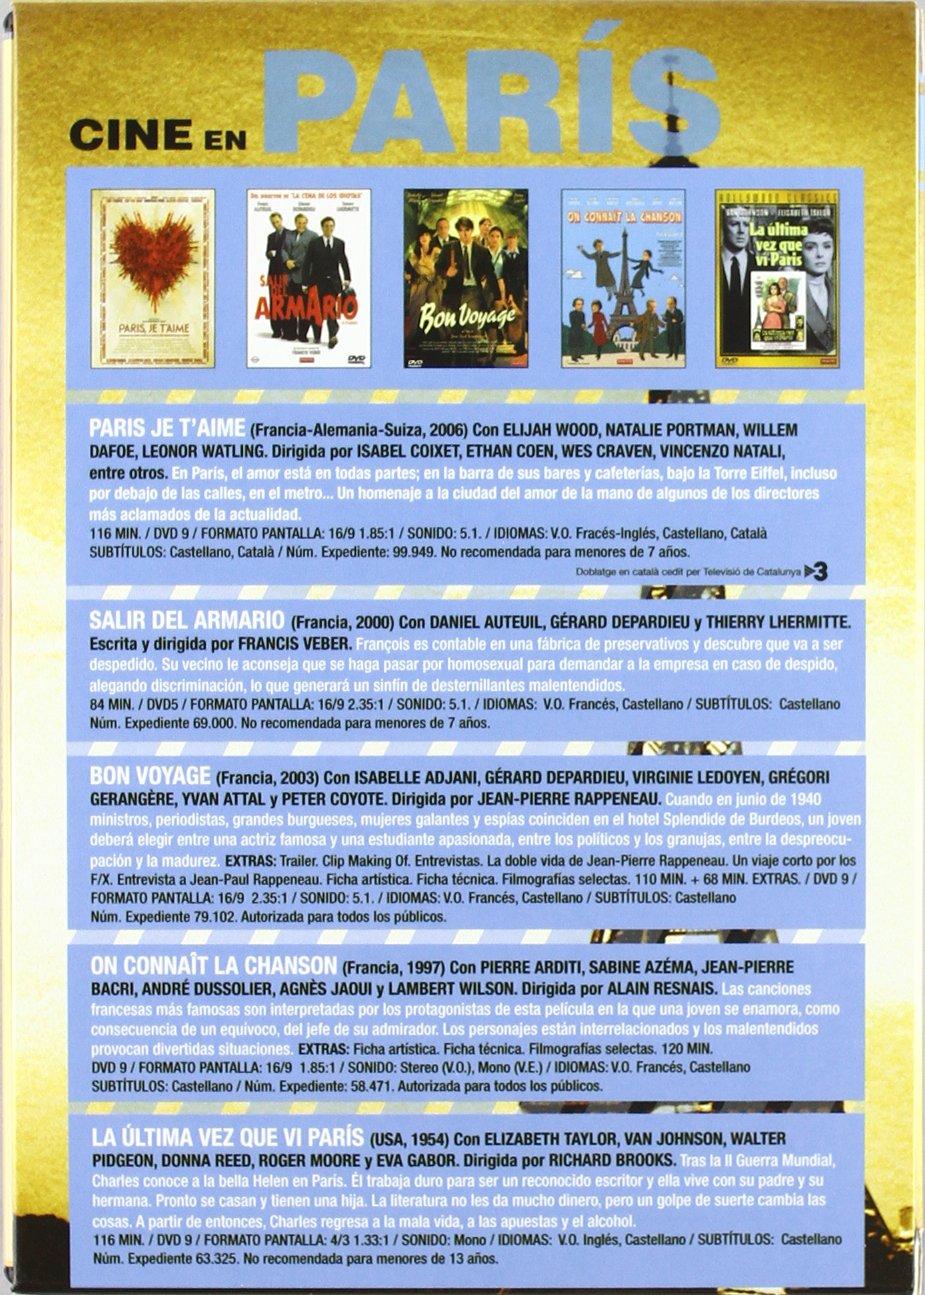 Amazon.com: Cine En París (Pack) - Paris, Je T´Aime (Ed. Especial) / Bon Voyage / On Connait la Chanson / La Última Vez que Ví París / Salir del Armario ...